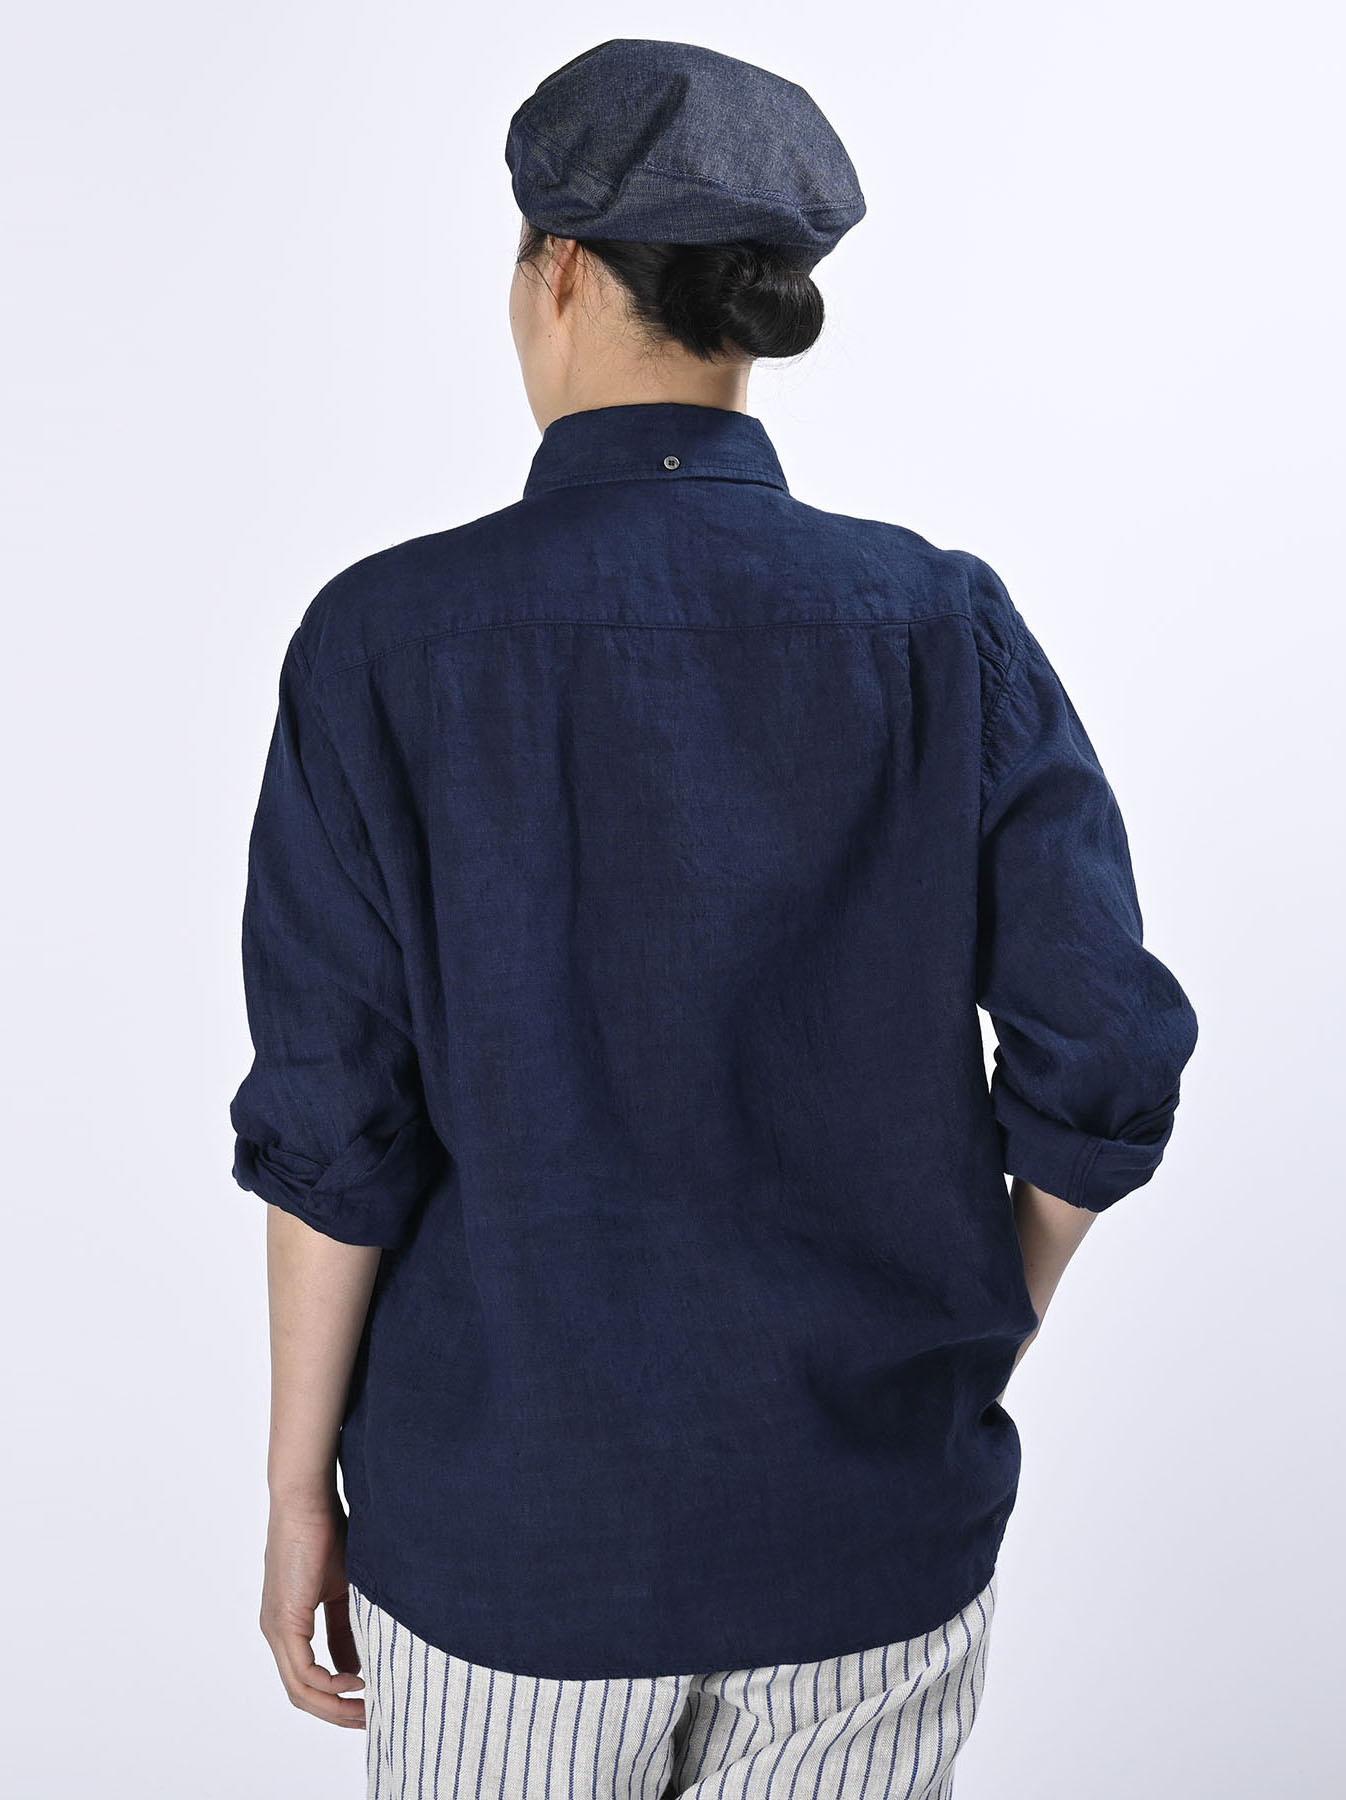 Indigo Indian Linen Flat 908 Ocean Shirt (0521)-5